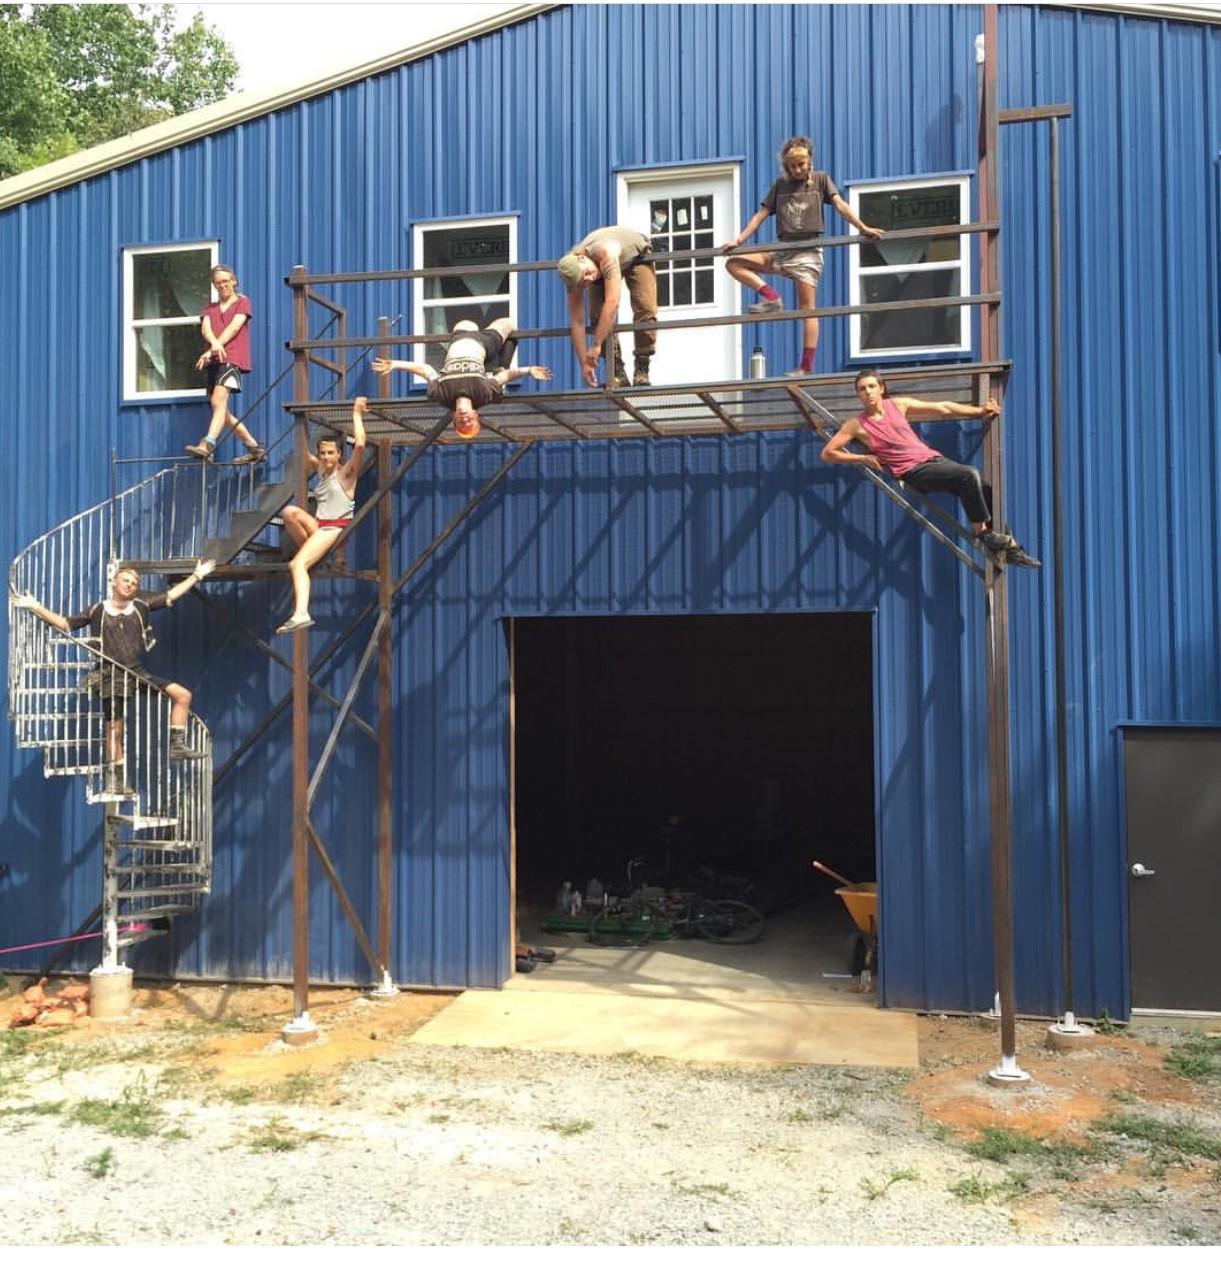 workers hang